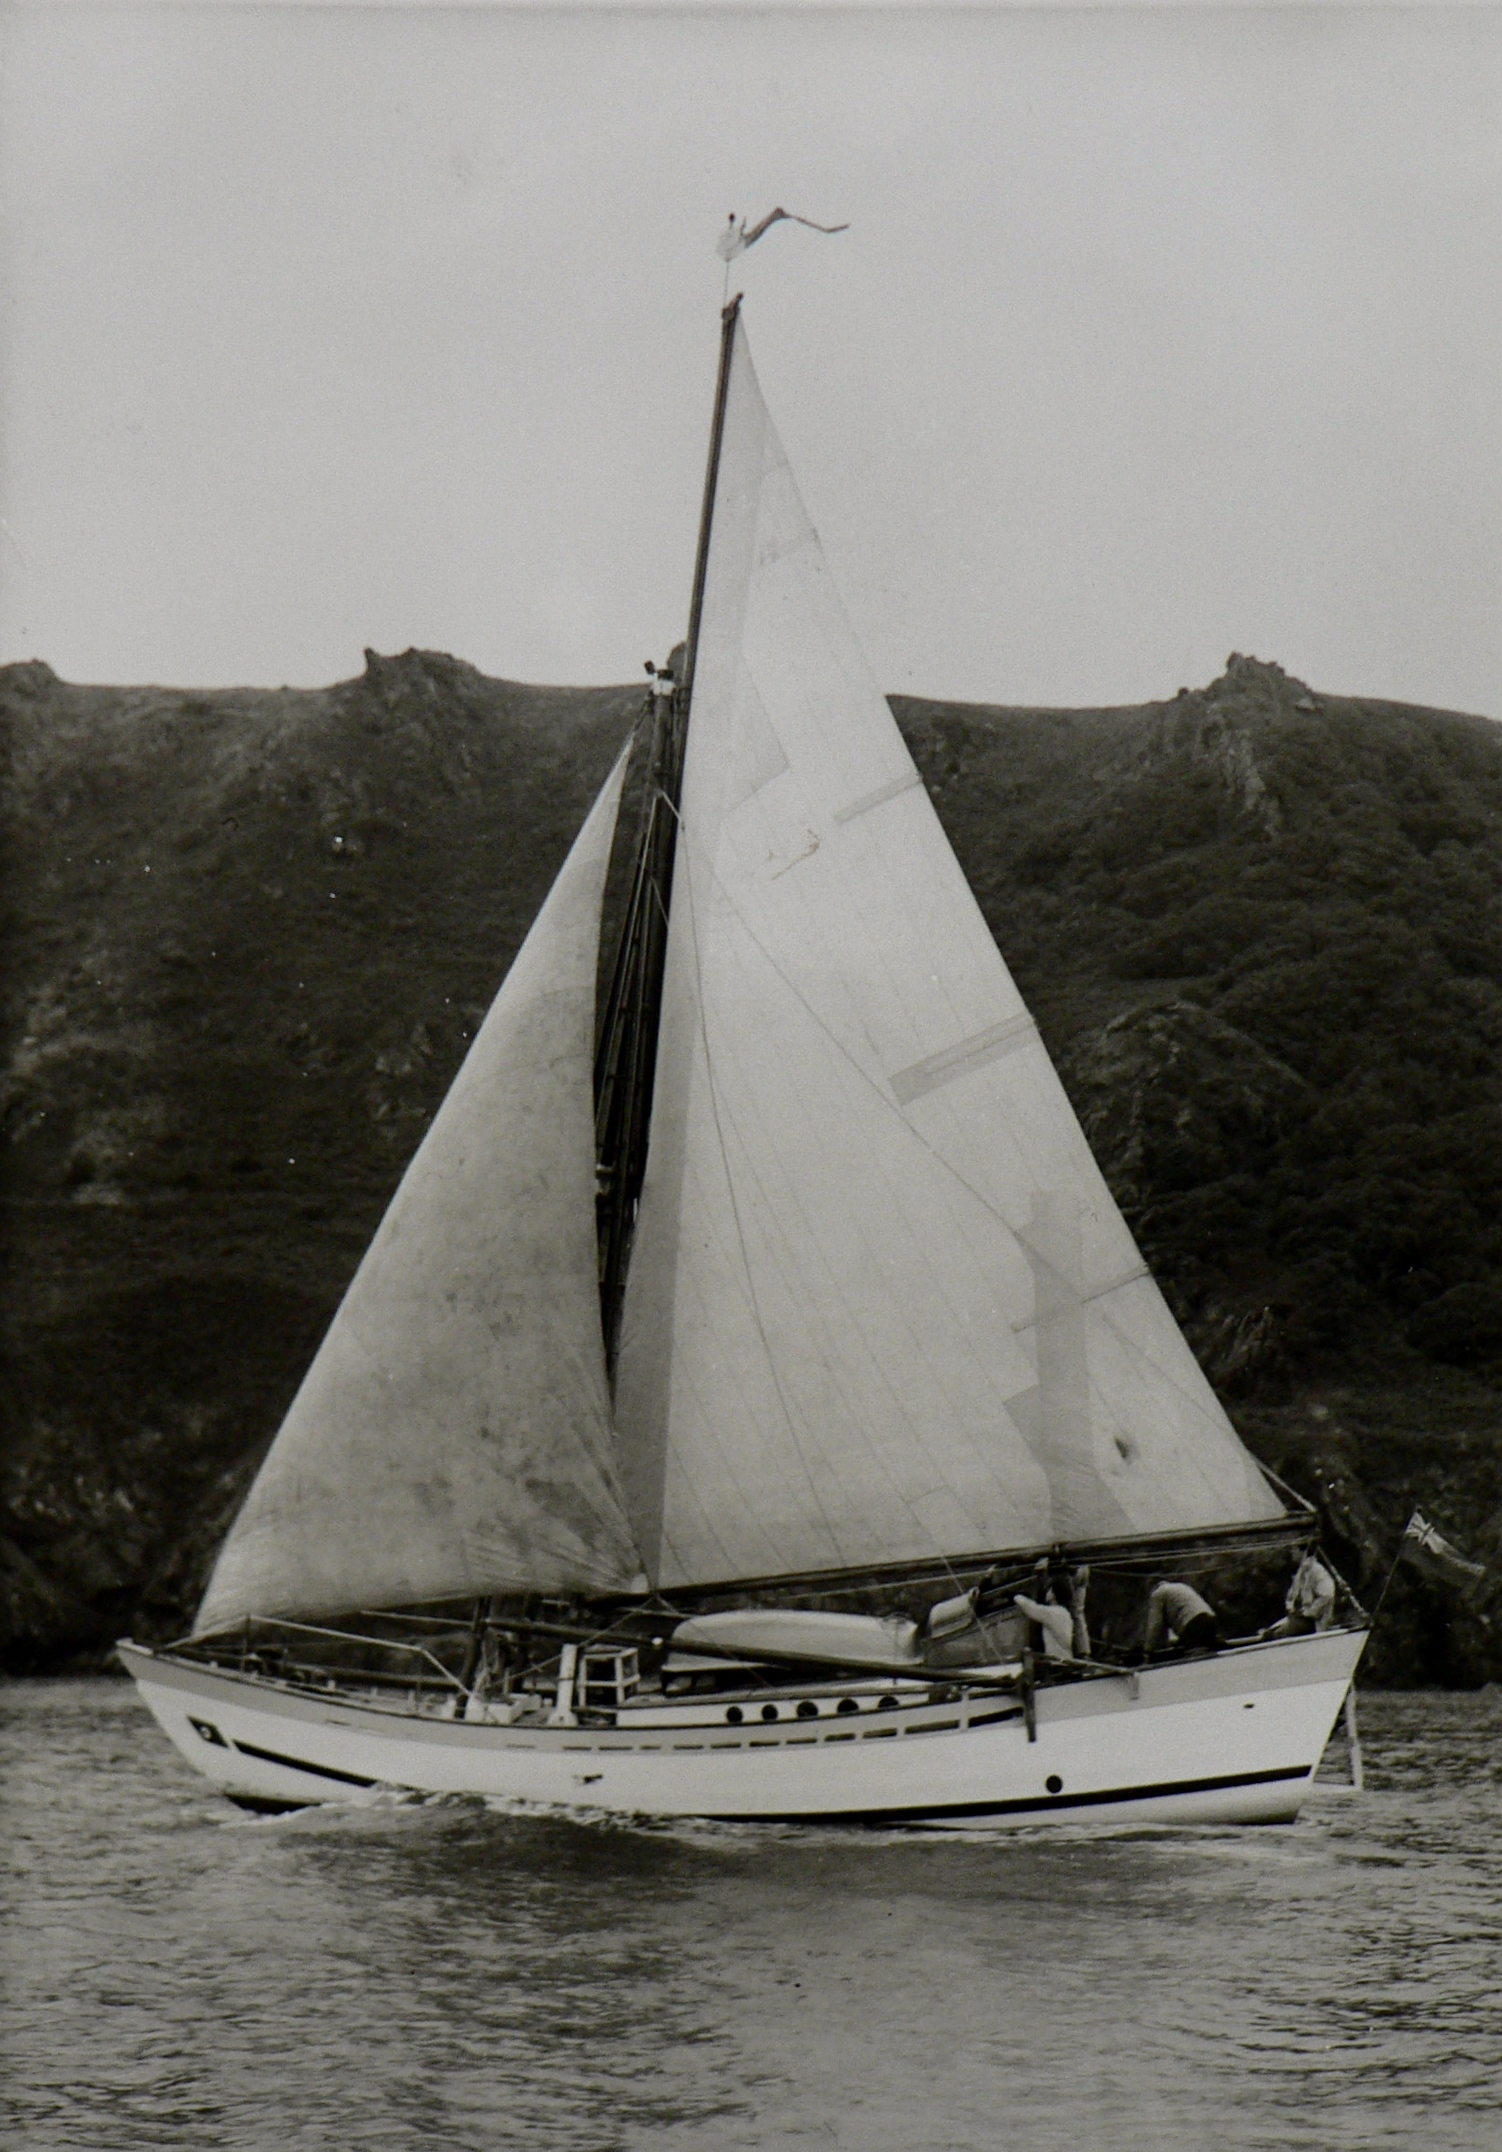 Boleh in 1961 - signature Dragon Pennant at the peak